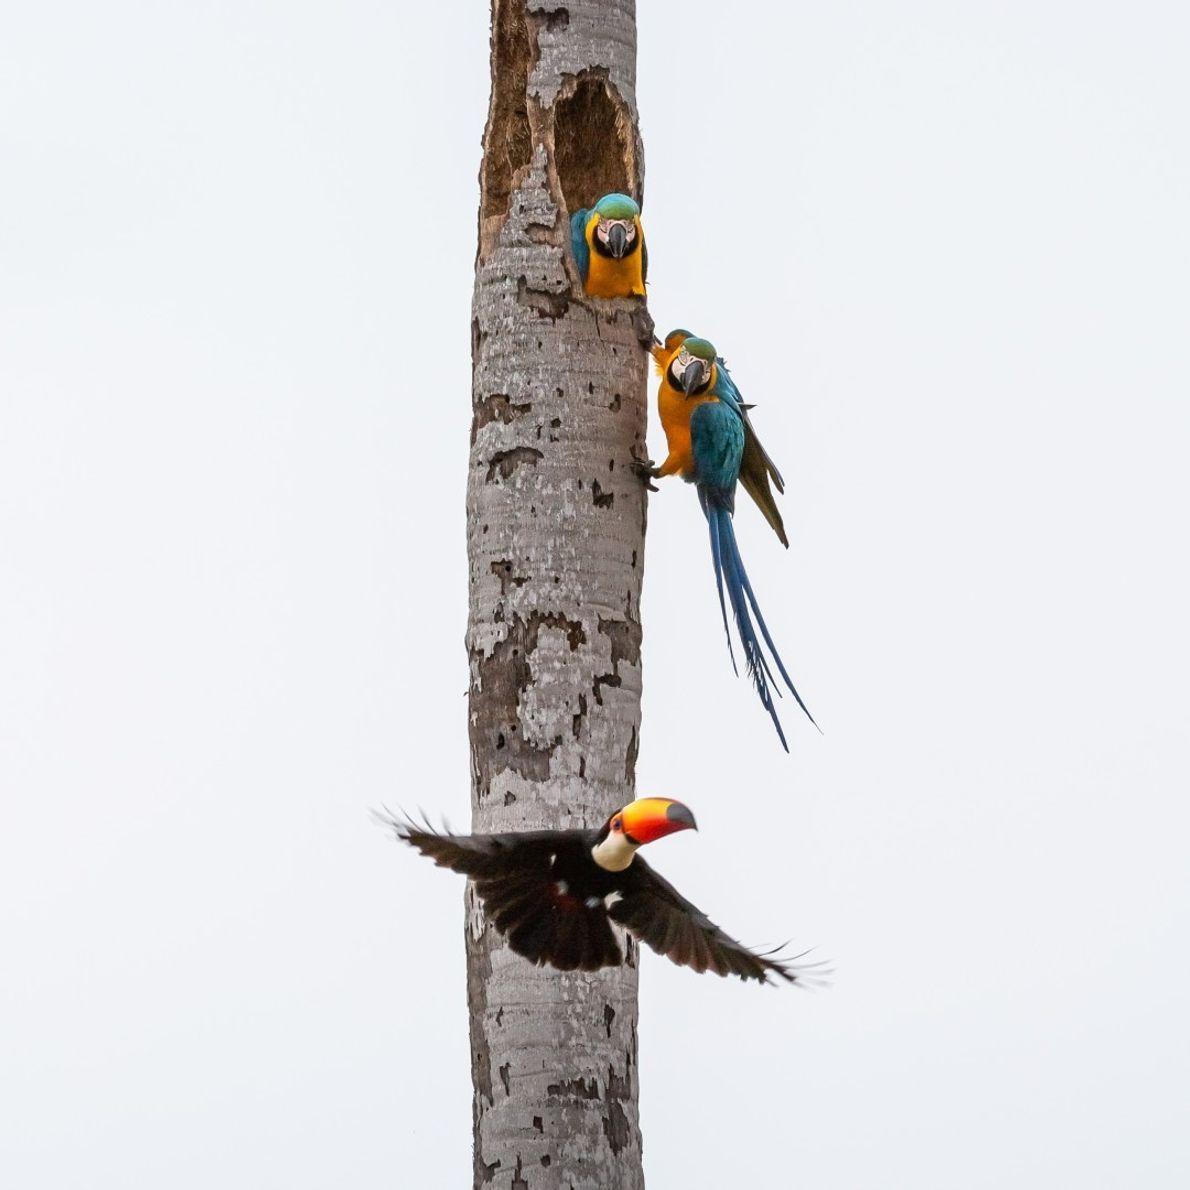 O tucano (Ramphastos toco) é uma ave predadora que ataca ninhos buscando ovos e filhotes. Estava ...